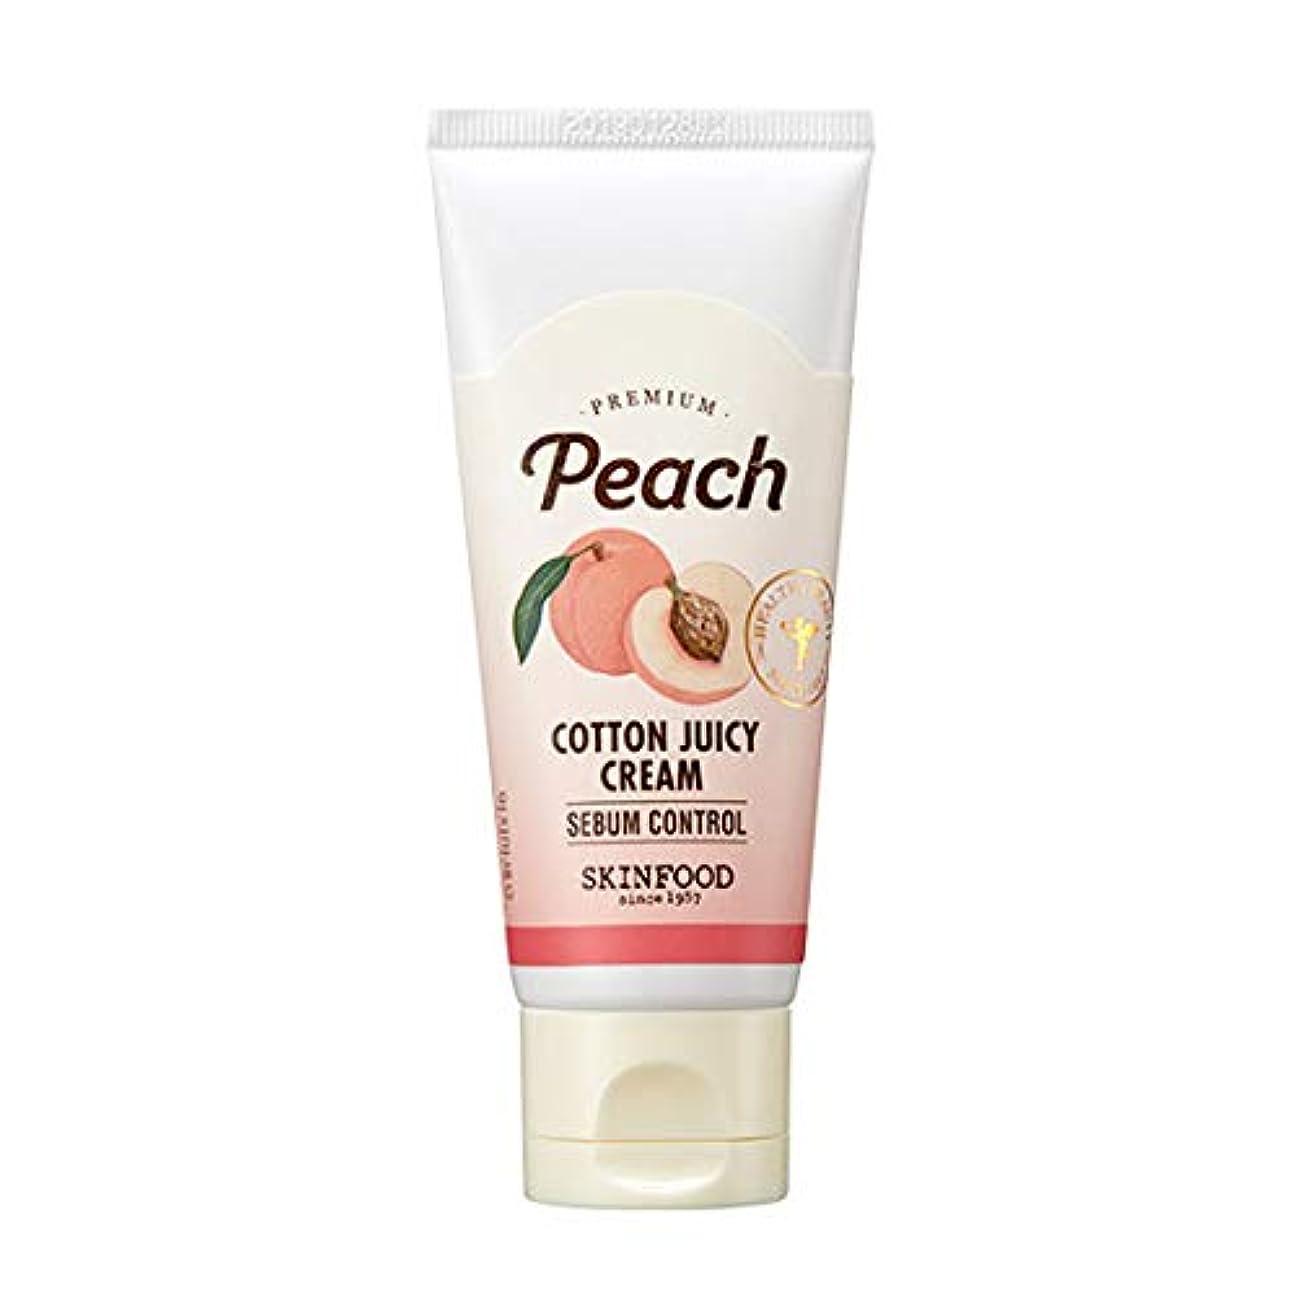 一緒やがて変えるSkinfood プレミアムピーチコットンジューシークリーム/Premium Peach Cotton Juicy Cream 60ml [並行輸入品]